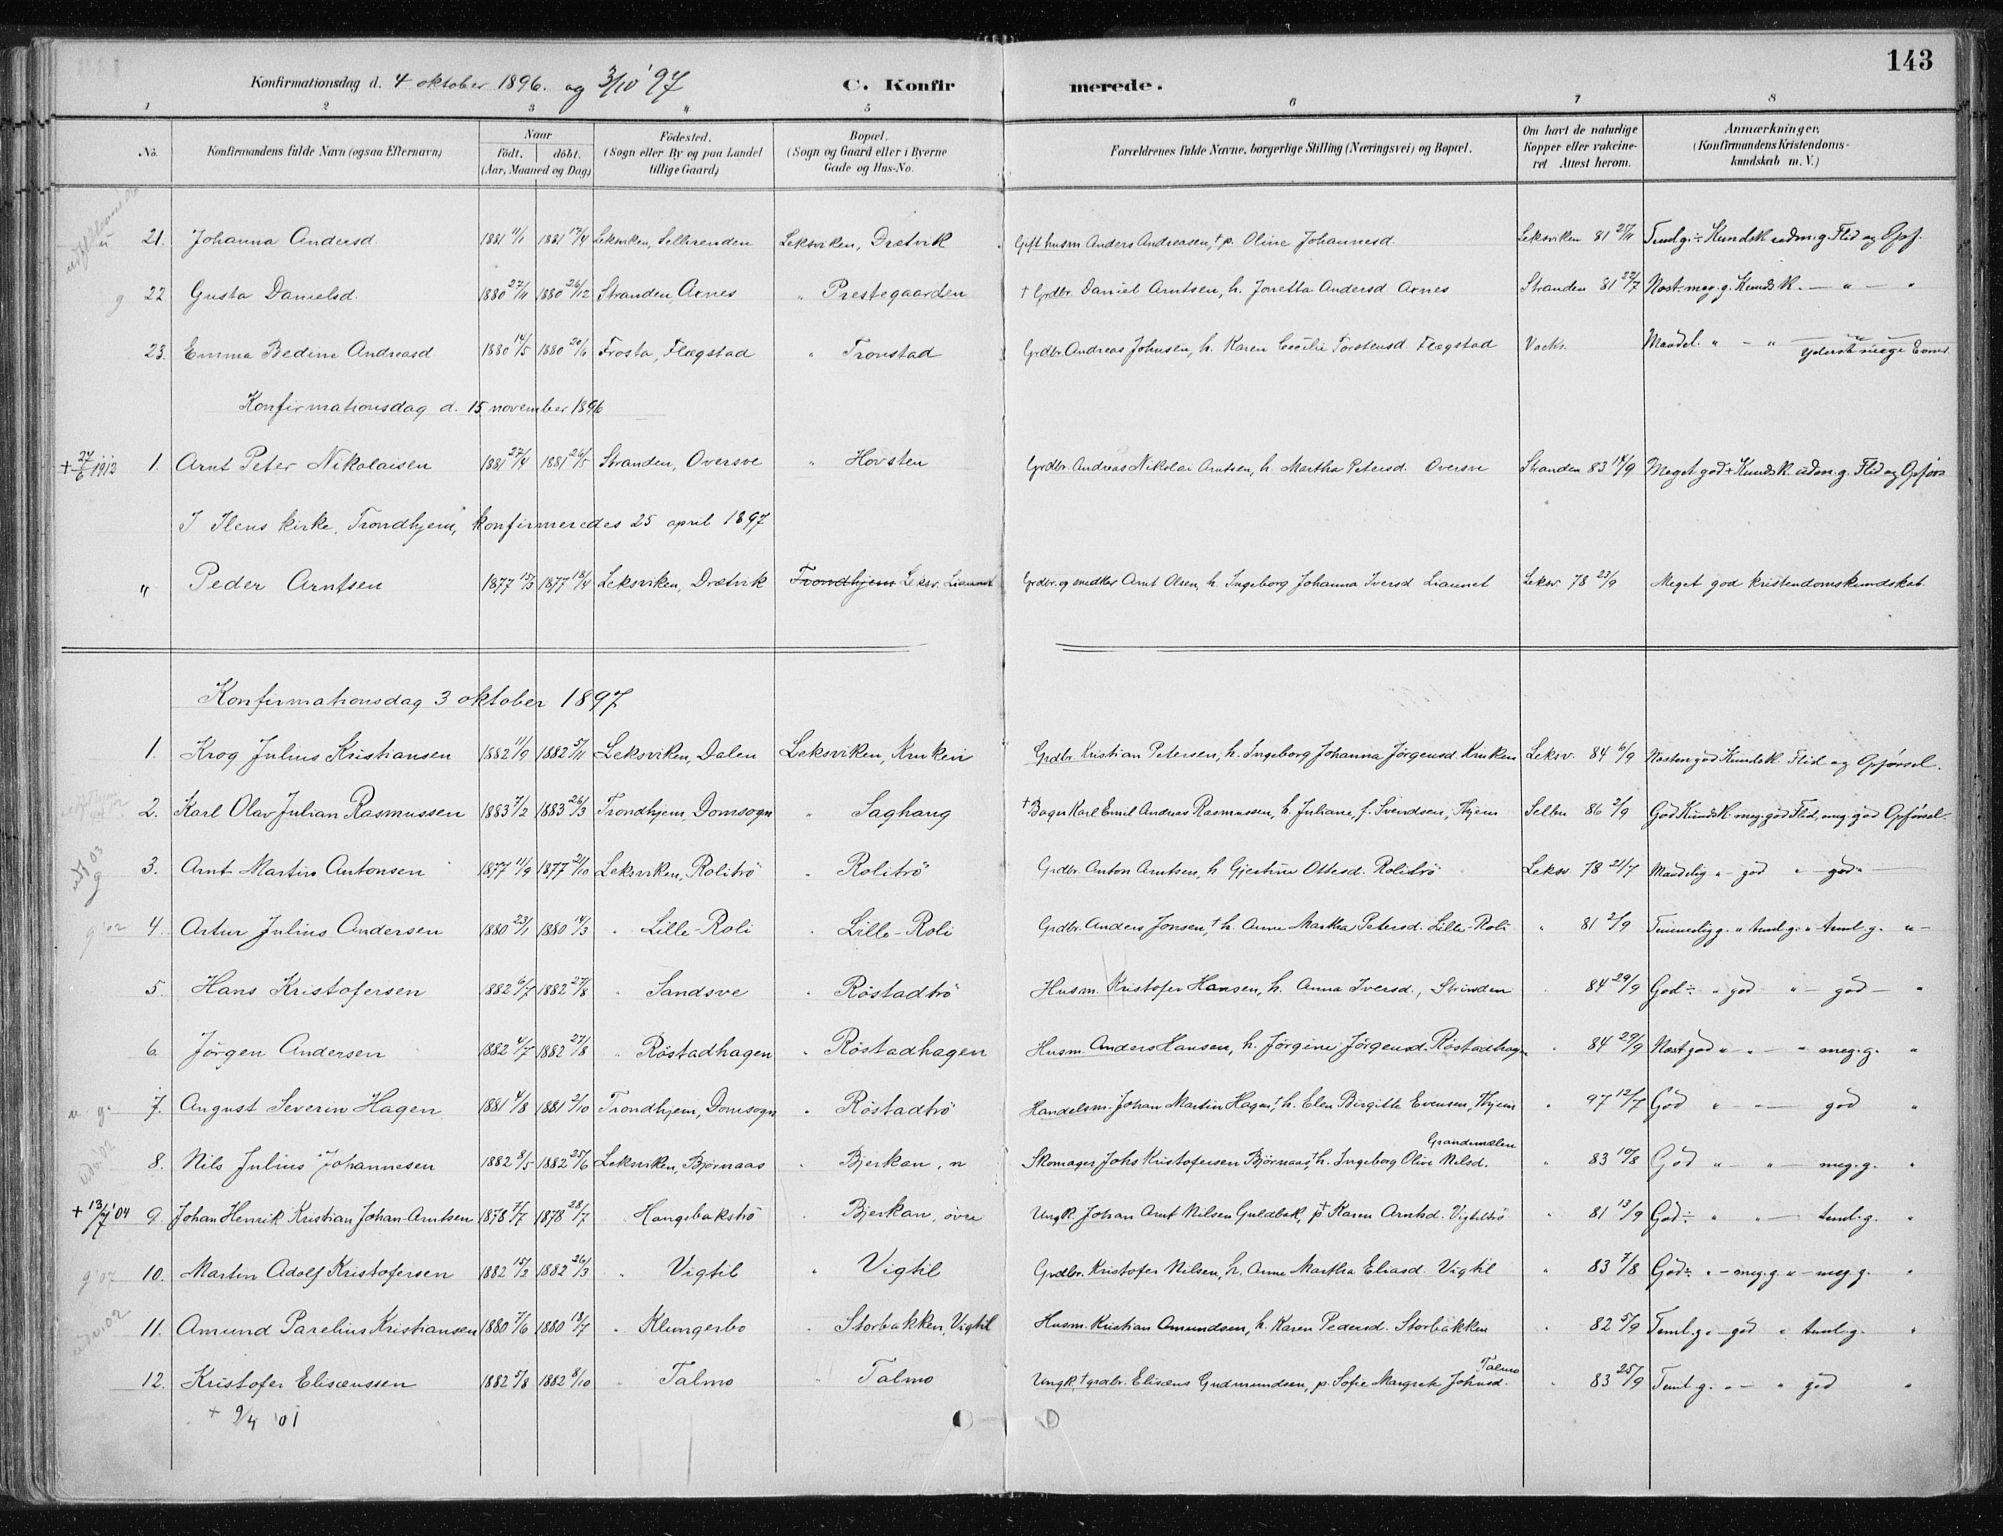 SAT, Ministerialprotokoller, klokkerbøker og fødselsregistre - Nord-Trøndelag, 701/L0010: Ministerialbok nr. 701A10, 1883-1899, s. 143